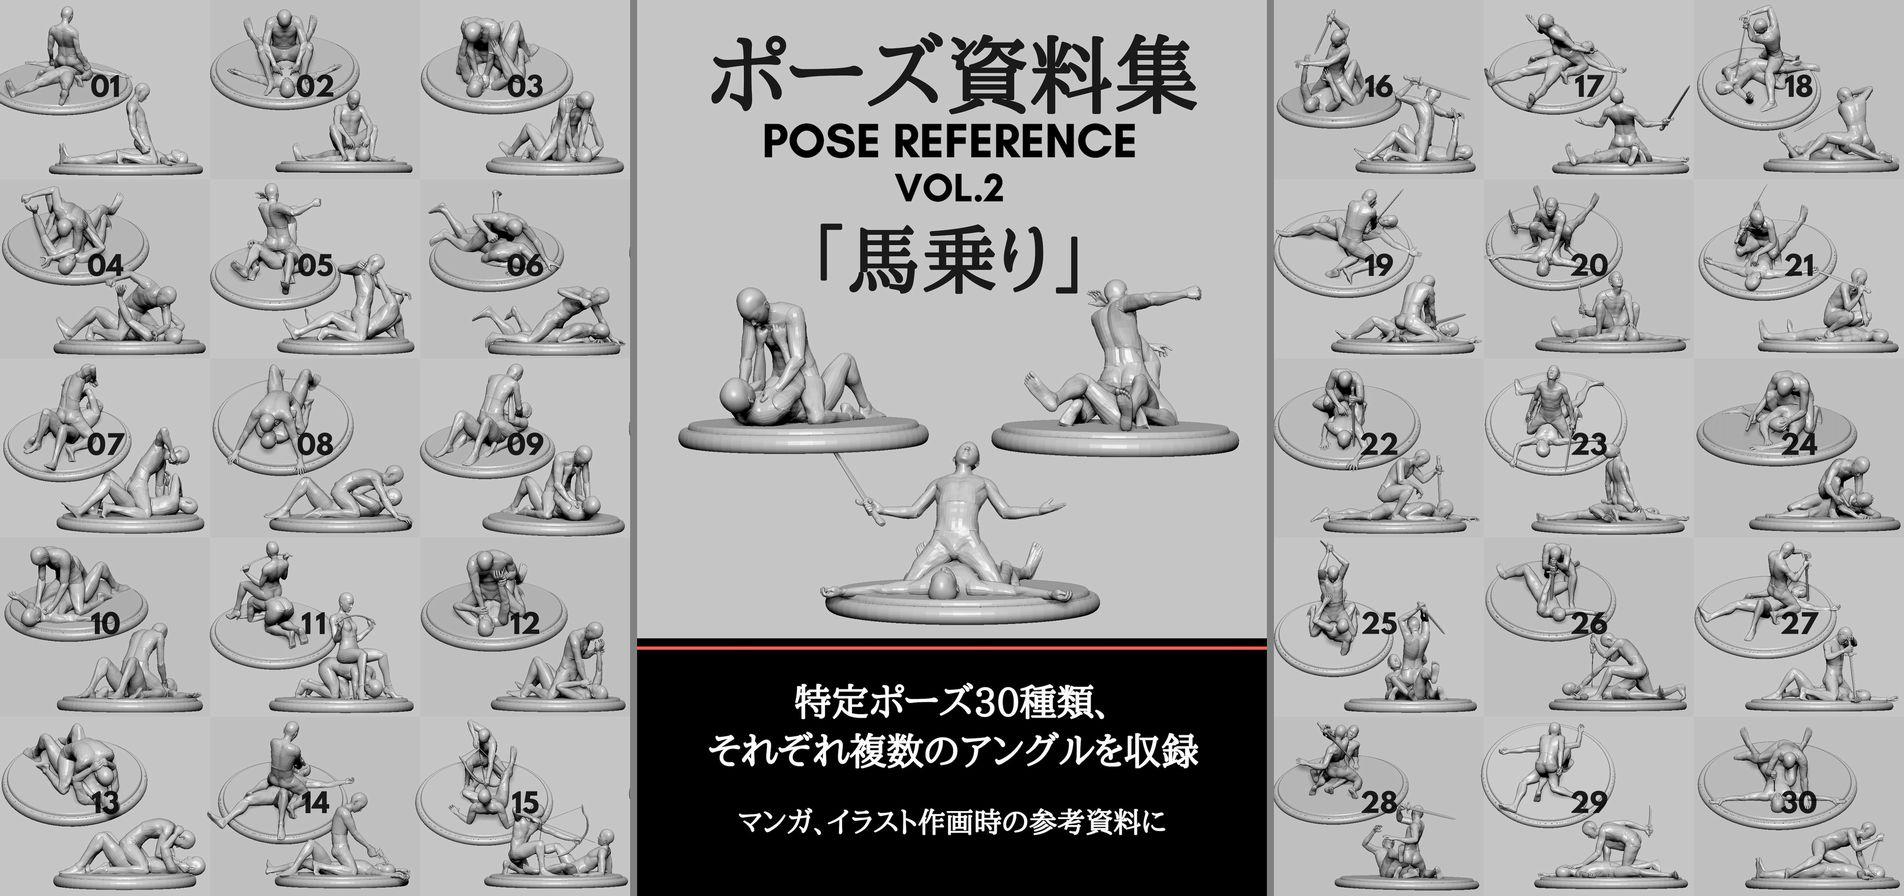 ポーズ資料集vol2発売 髪と形